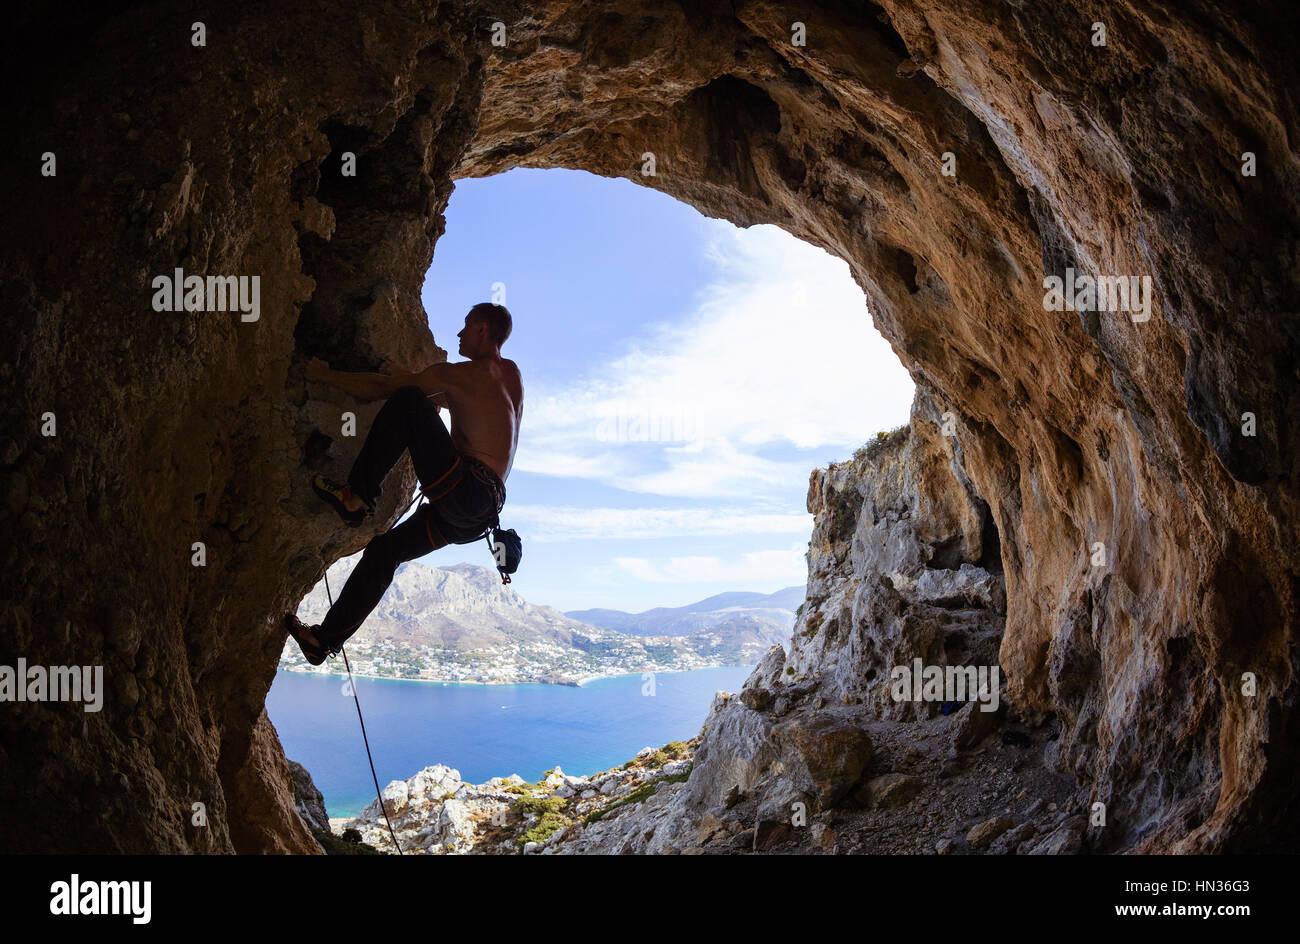 Junger Mann Klettern auf Felsen Stockbild